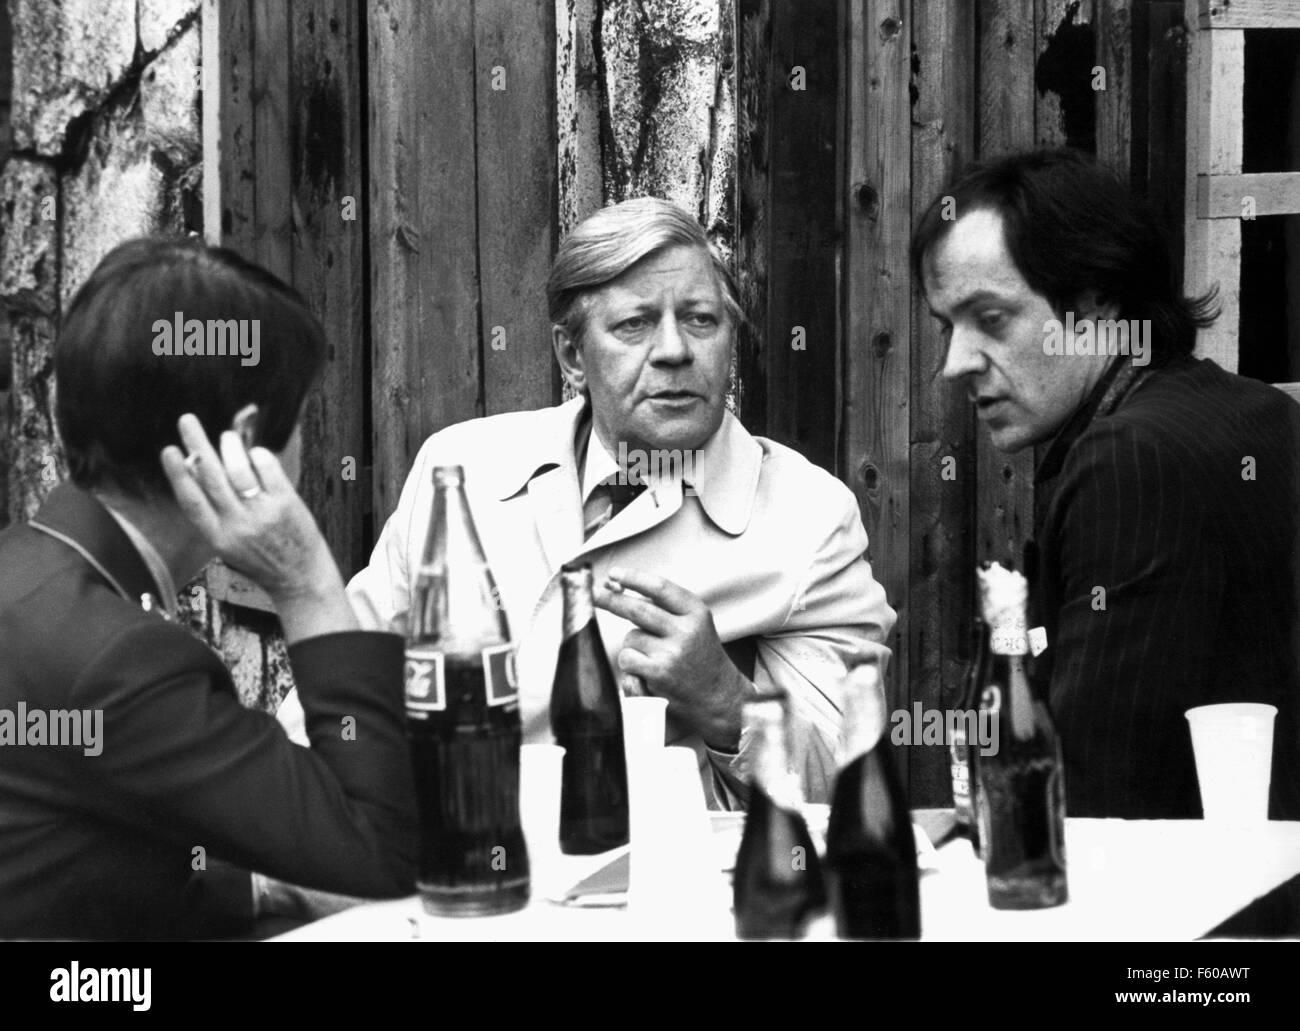 Le chancelier Helmut Schmidt (centre) et rock musicien Udo Lindenberg (R) répondre à Bad Segeberg, le 31 mai 1980 pour un échange de vues. L'épouse de Schmidt Loki sur la gauche. Banque D'Images